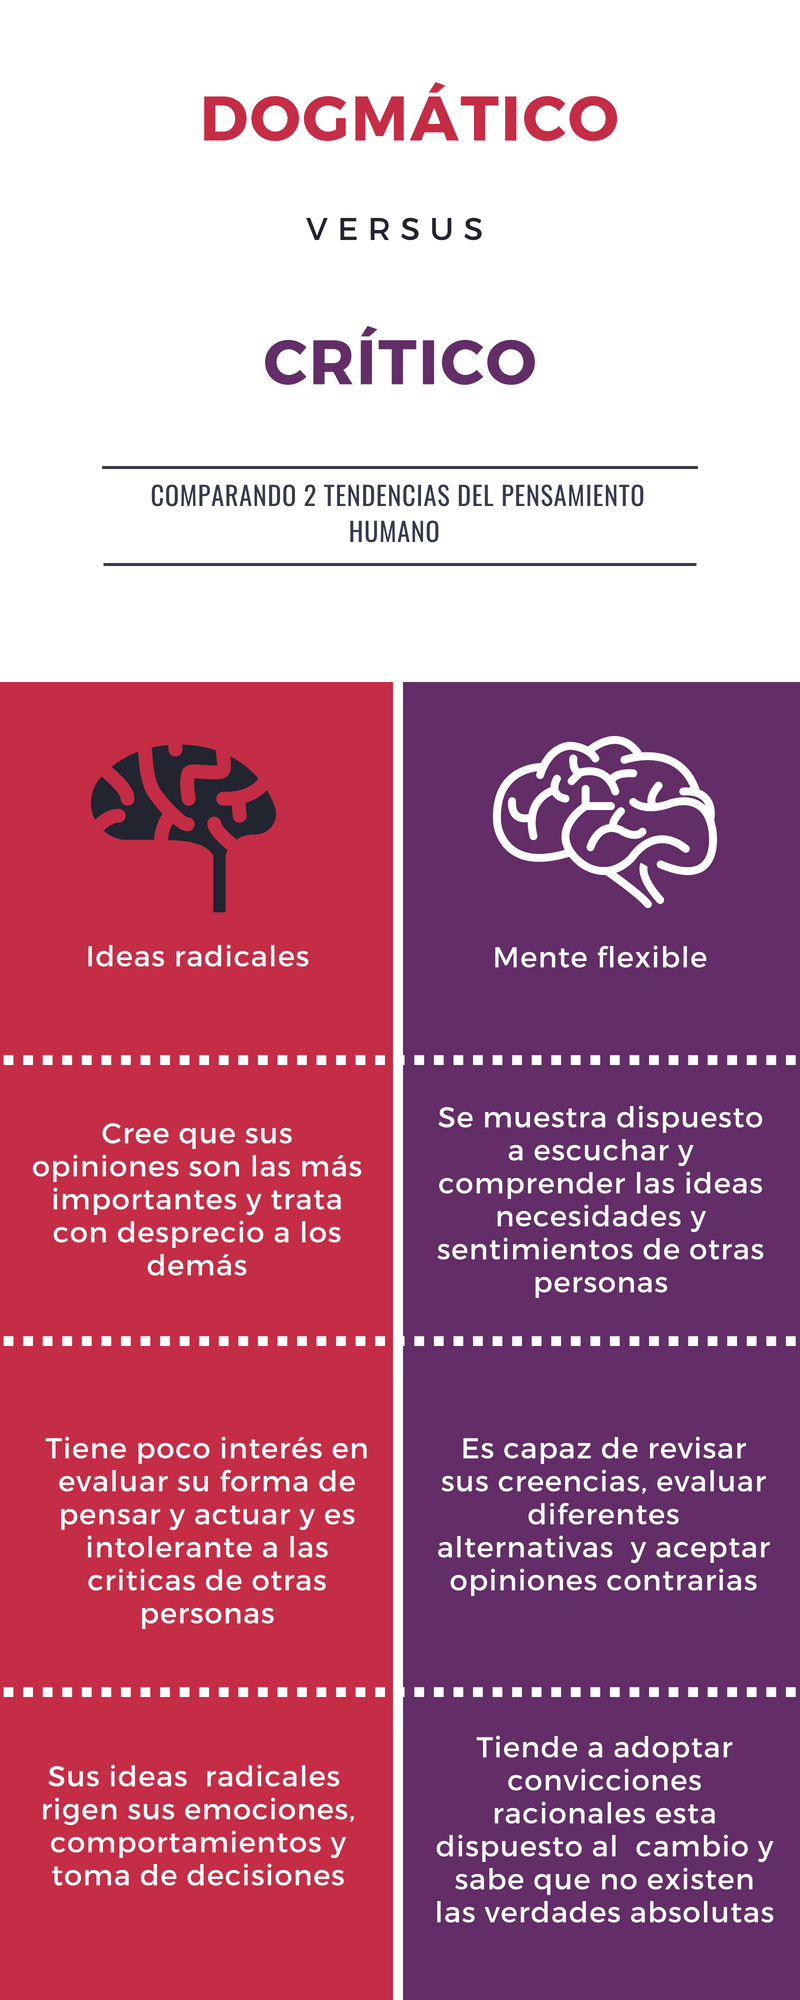 pensamiento dogmatico (1) copia